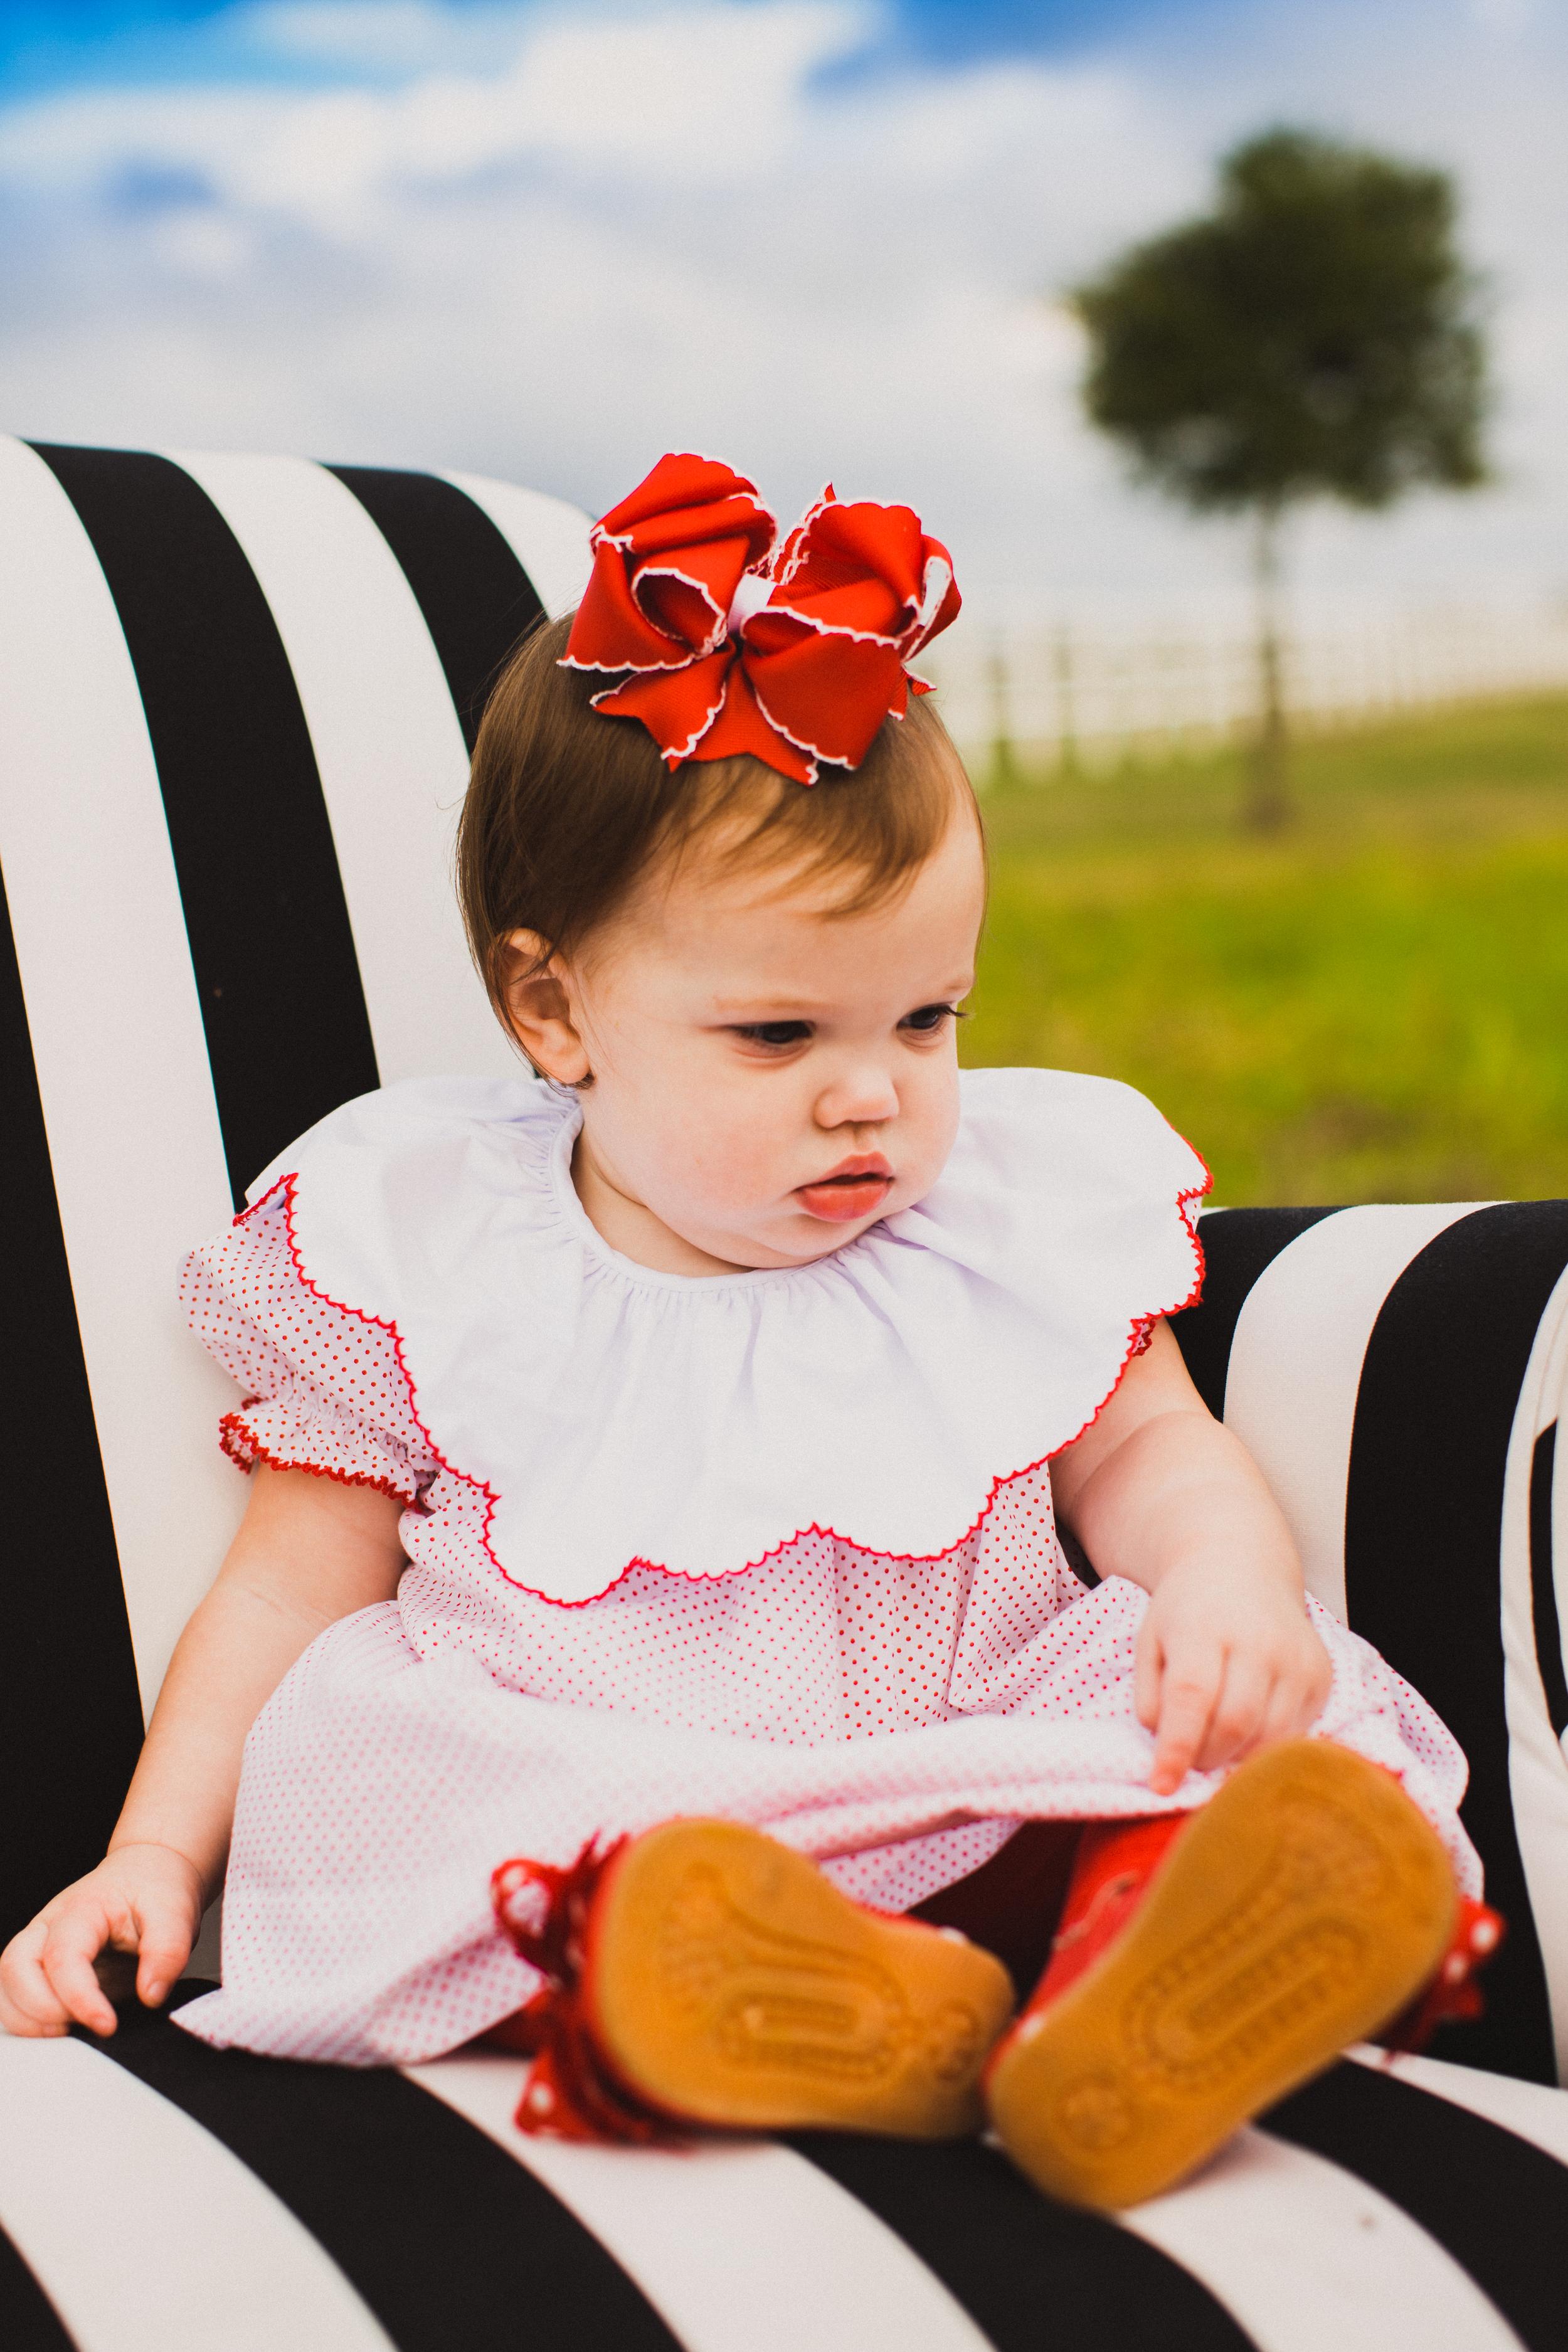 houstonfamilyphotographer-h2014-greer-tfam-66.jpg